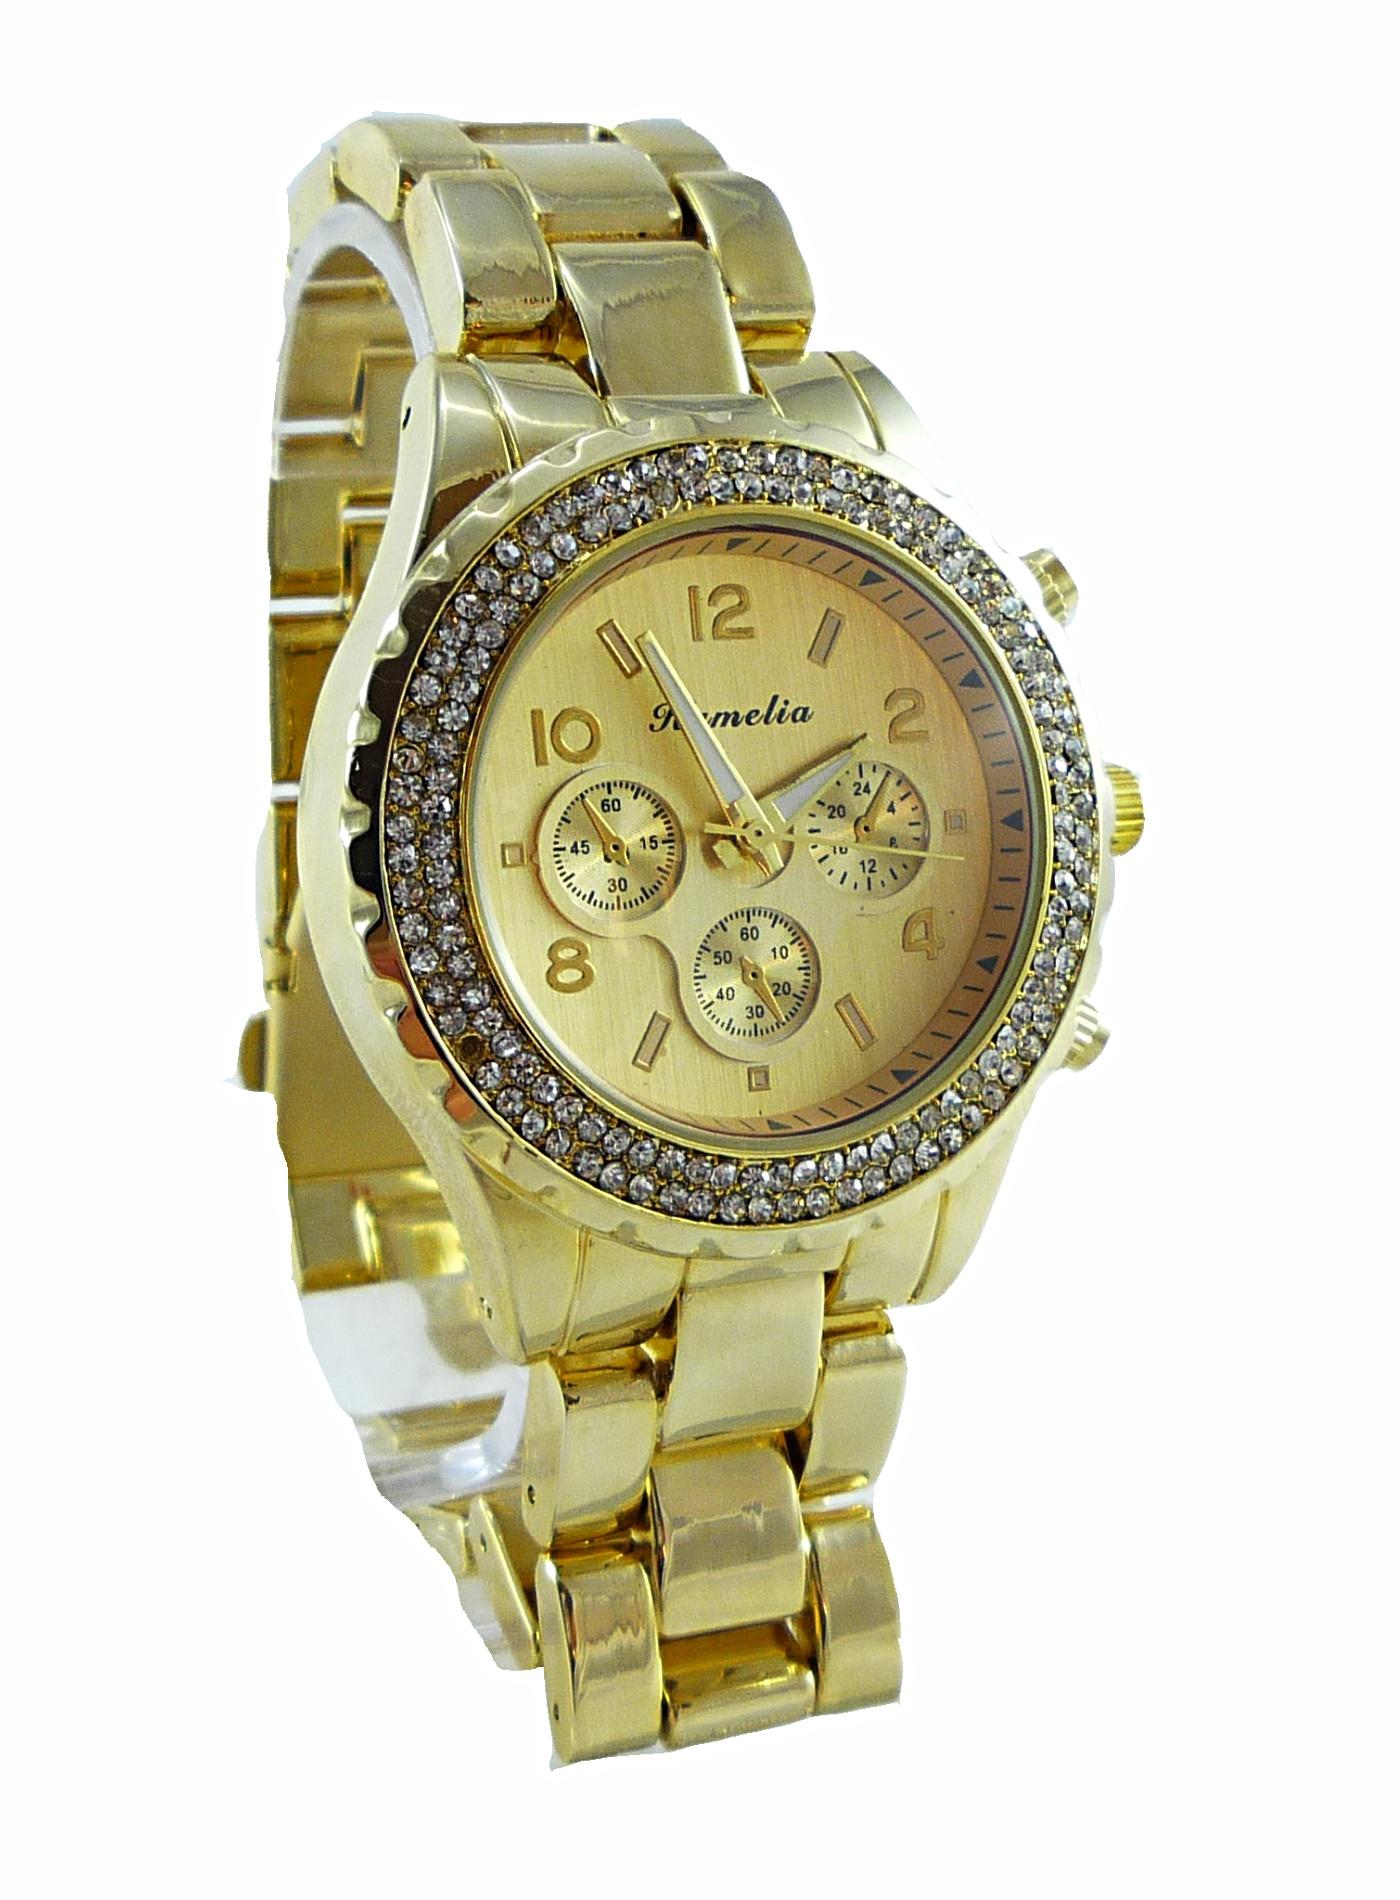 Dámské hodinky Camelia Simply zlaté 147D